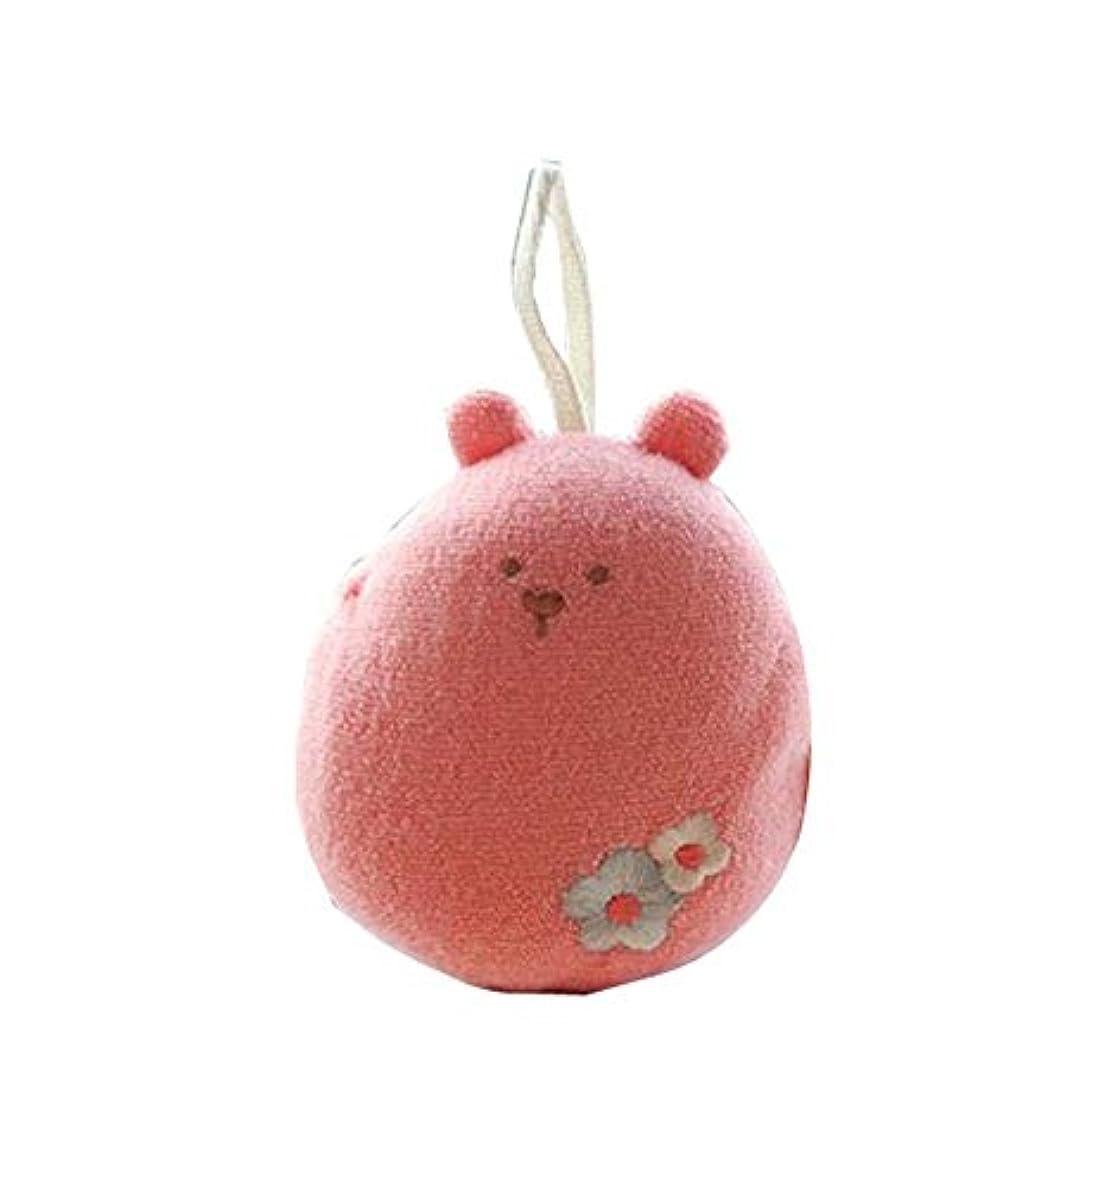 感染する補助金今後柔らかくて丈夫な新しいベビーバスボールバスタオルベビーバススポンジ、ピンク